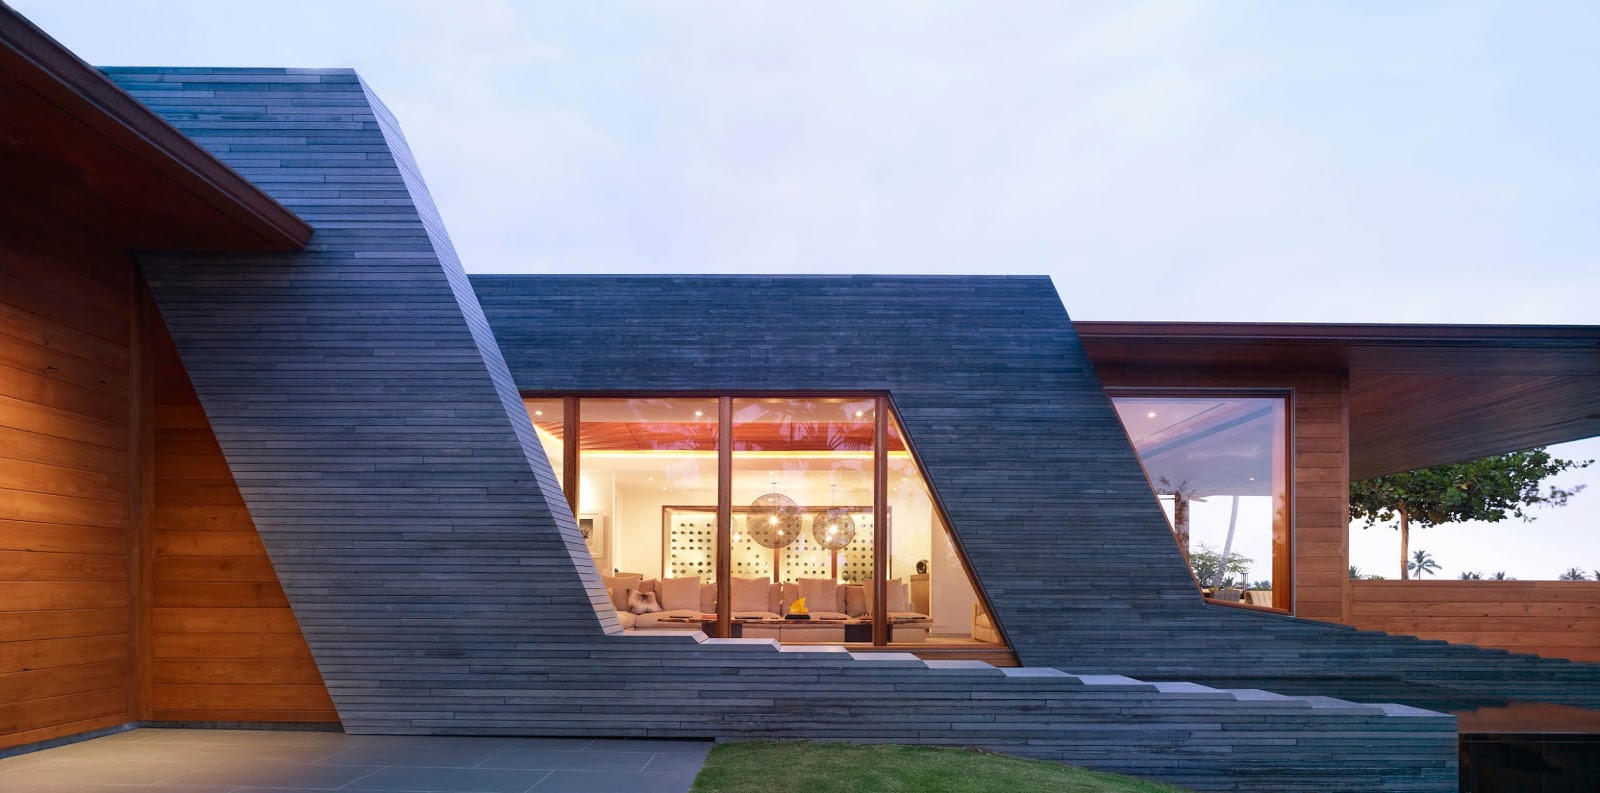 Hawaii modern house kona residence kona hawaii belzberg architects